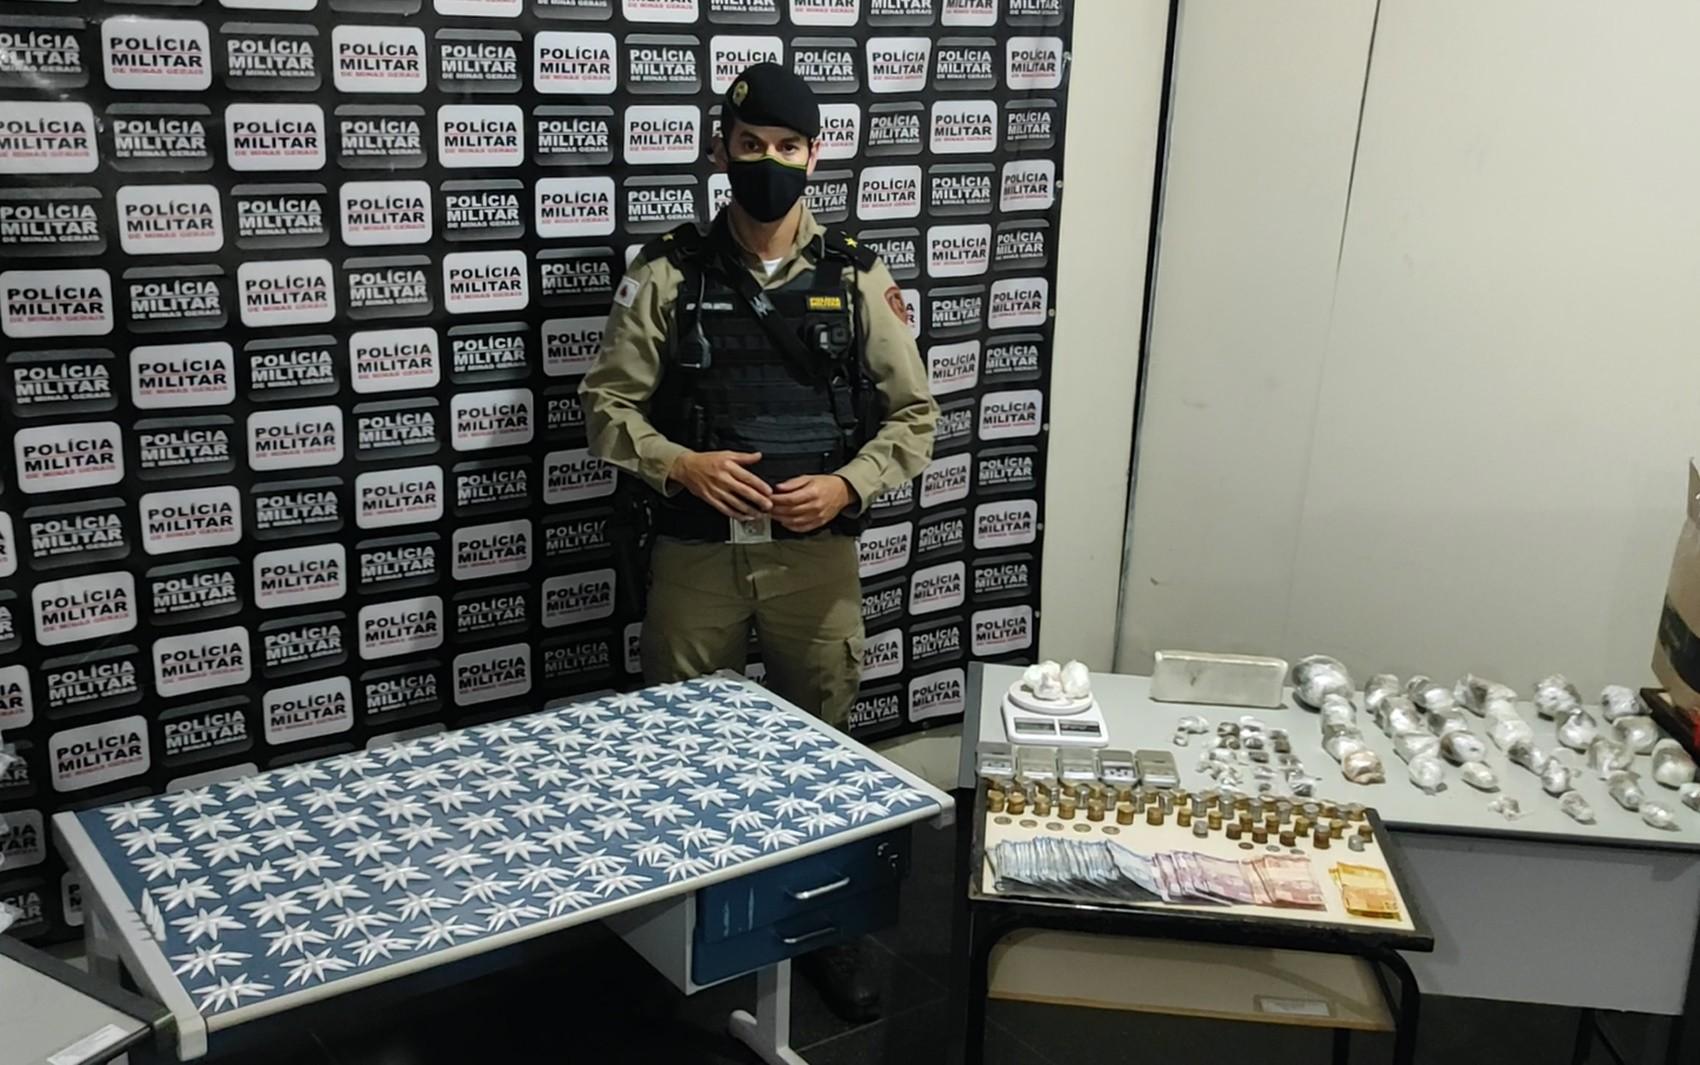 Polícia apreende microtubos de cocaína, buchas de maconha e loló em Passos, MG